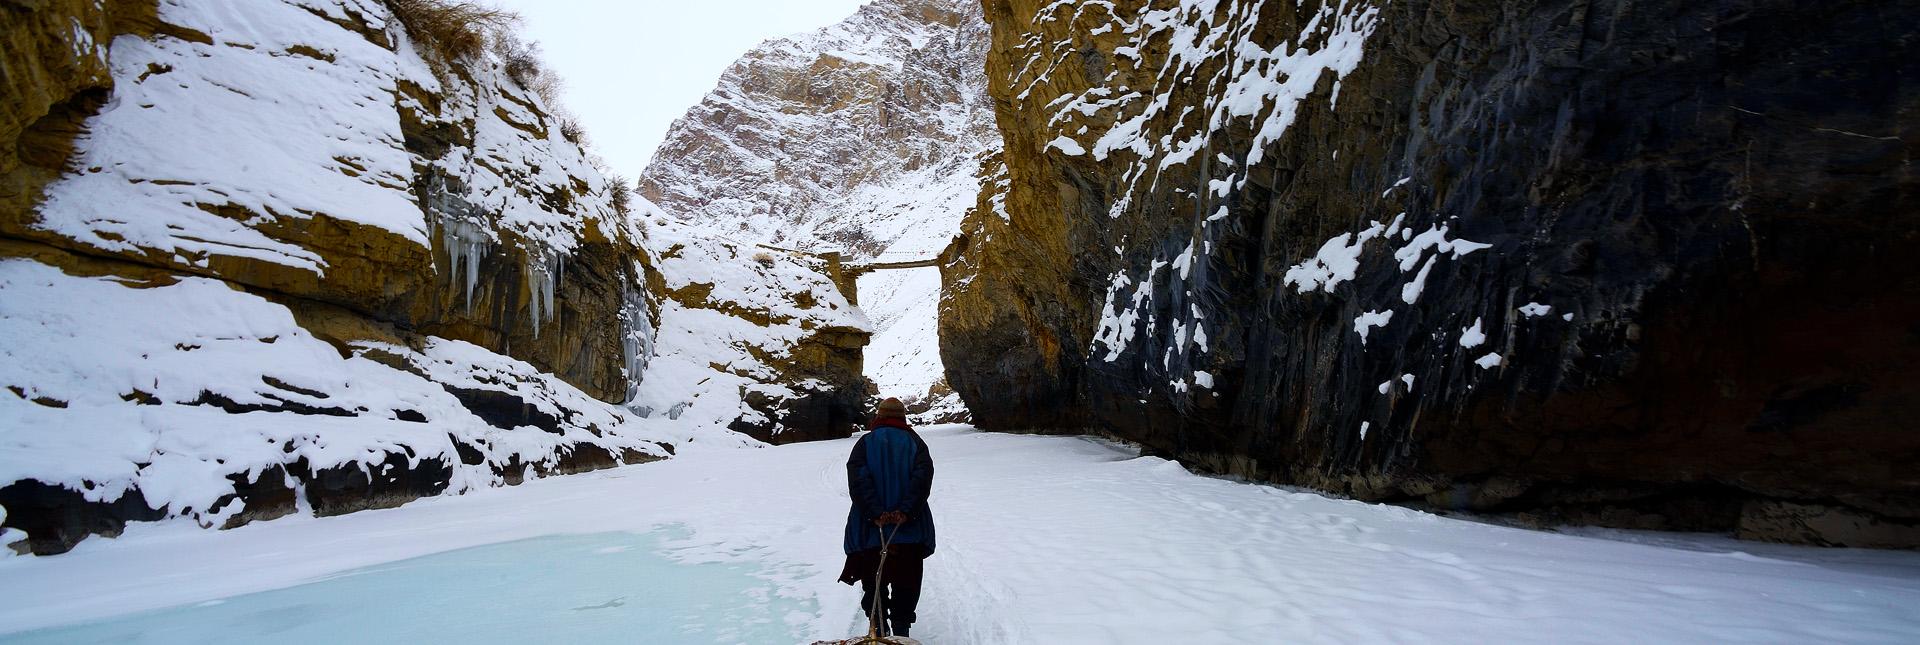 Chadar Trek – Walking on a frozen river